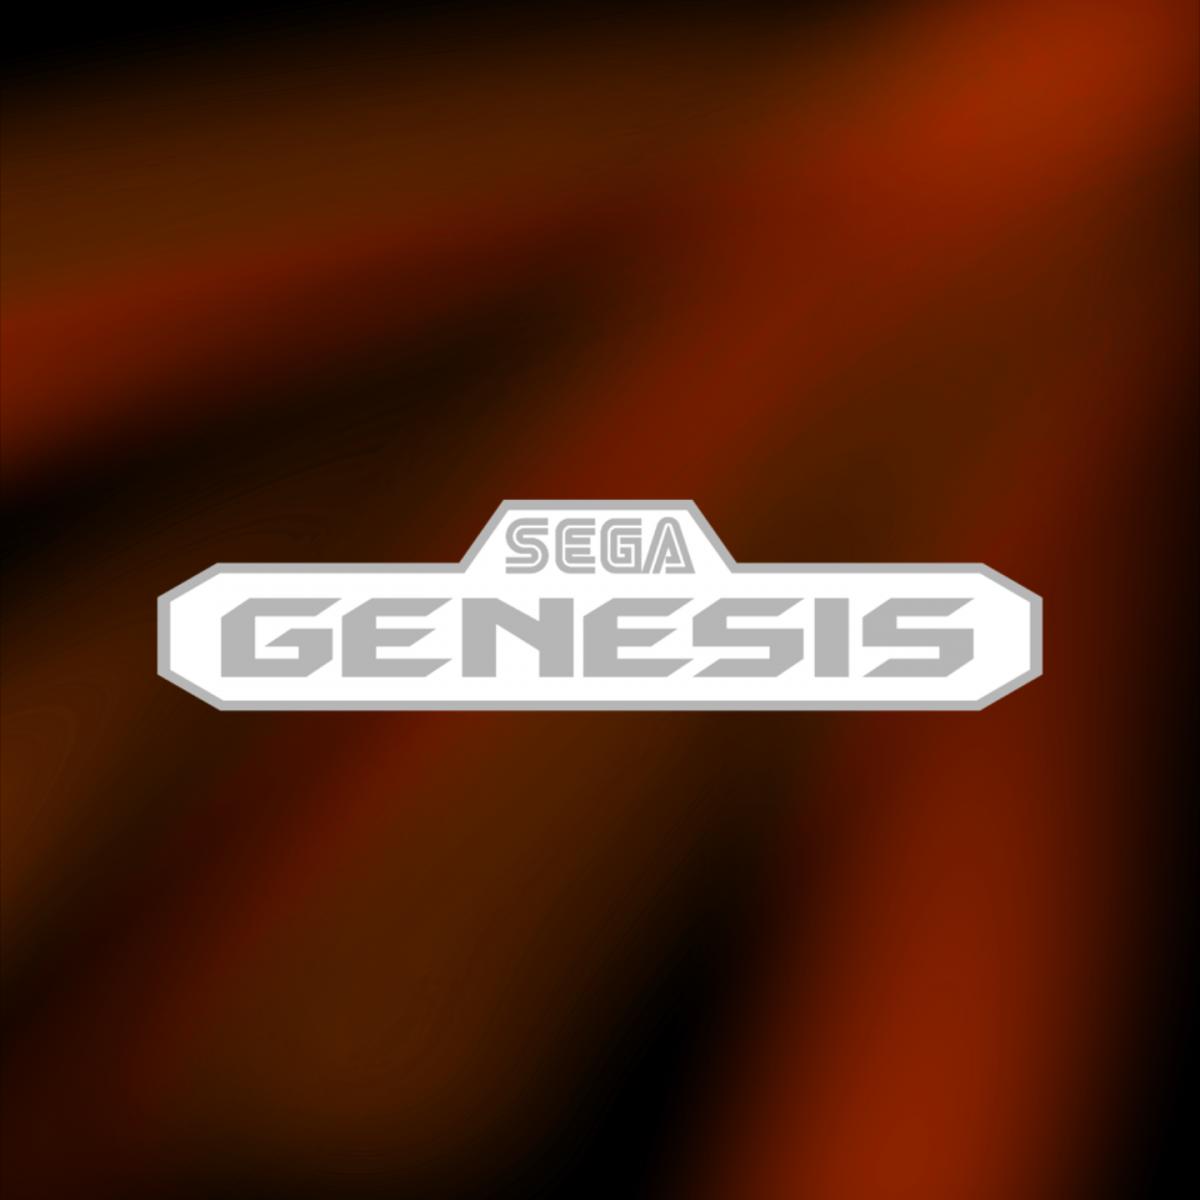 Sega-Genesis.png